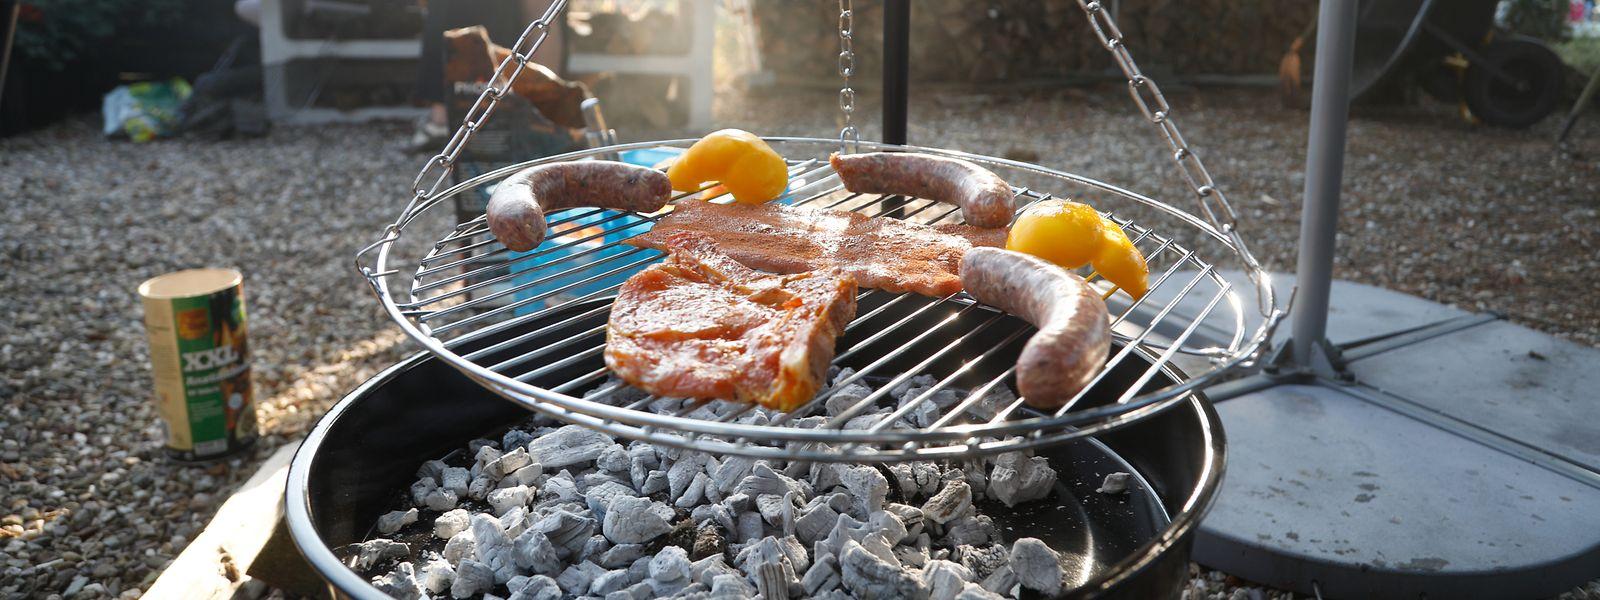 Beim Wettbewerb muss die Hauptkomponente auf dem Grill zubereitet werden.